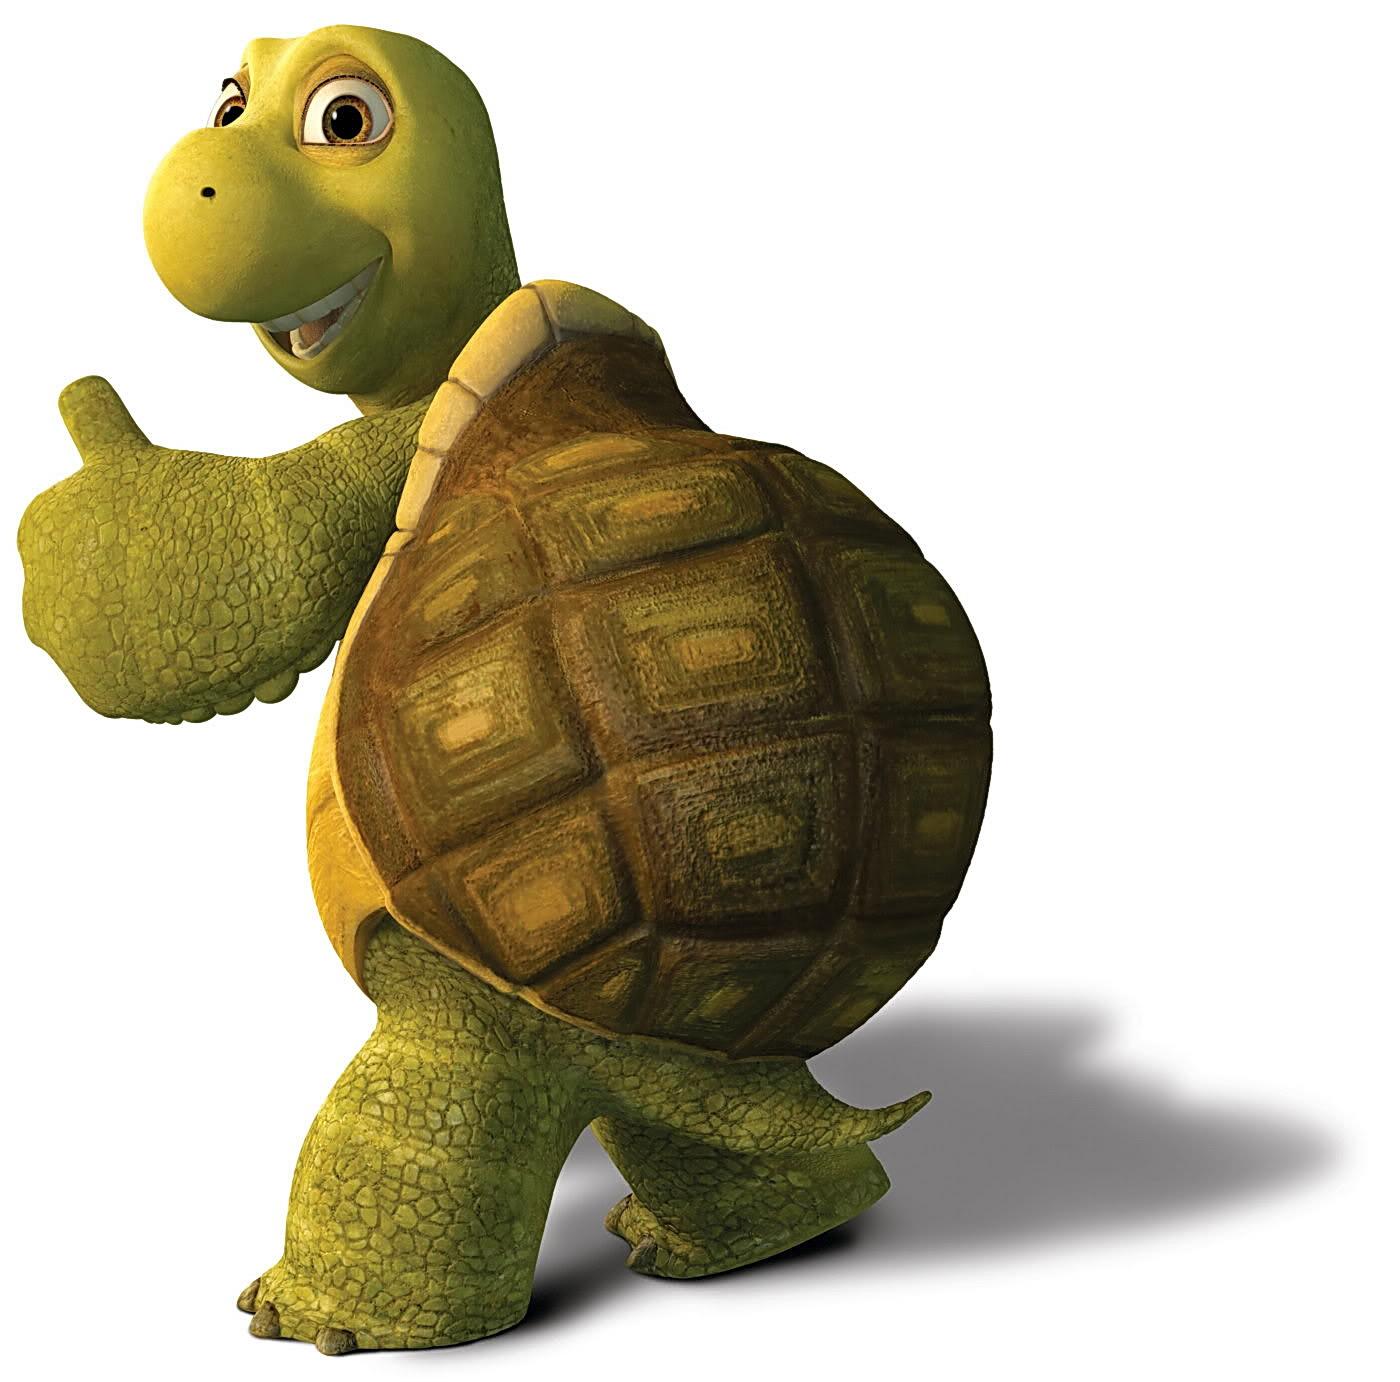 сейчас, веселая черепаха картинки шарфы вышивкой